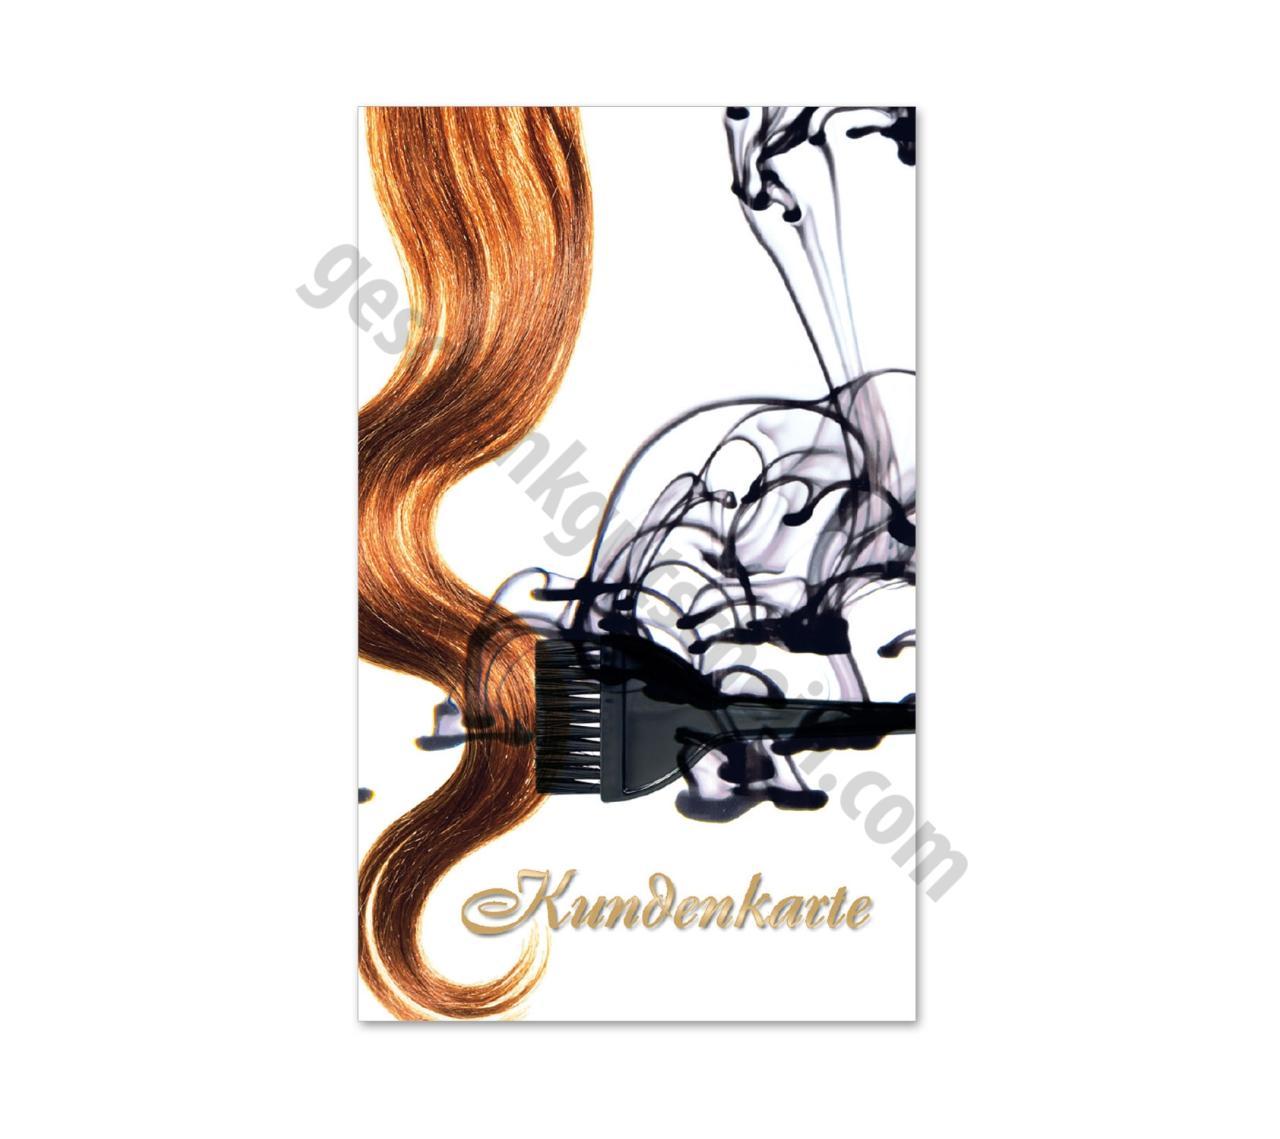 Weihnachtsgeschenke Für Kunden Friseur.K578 Kundenkarten 9fd Friseurgeschäft Friseursalon Friseur